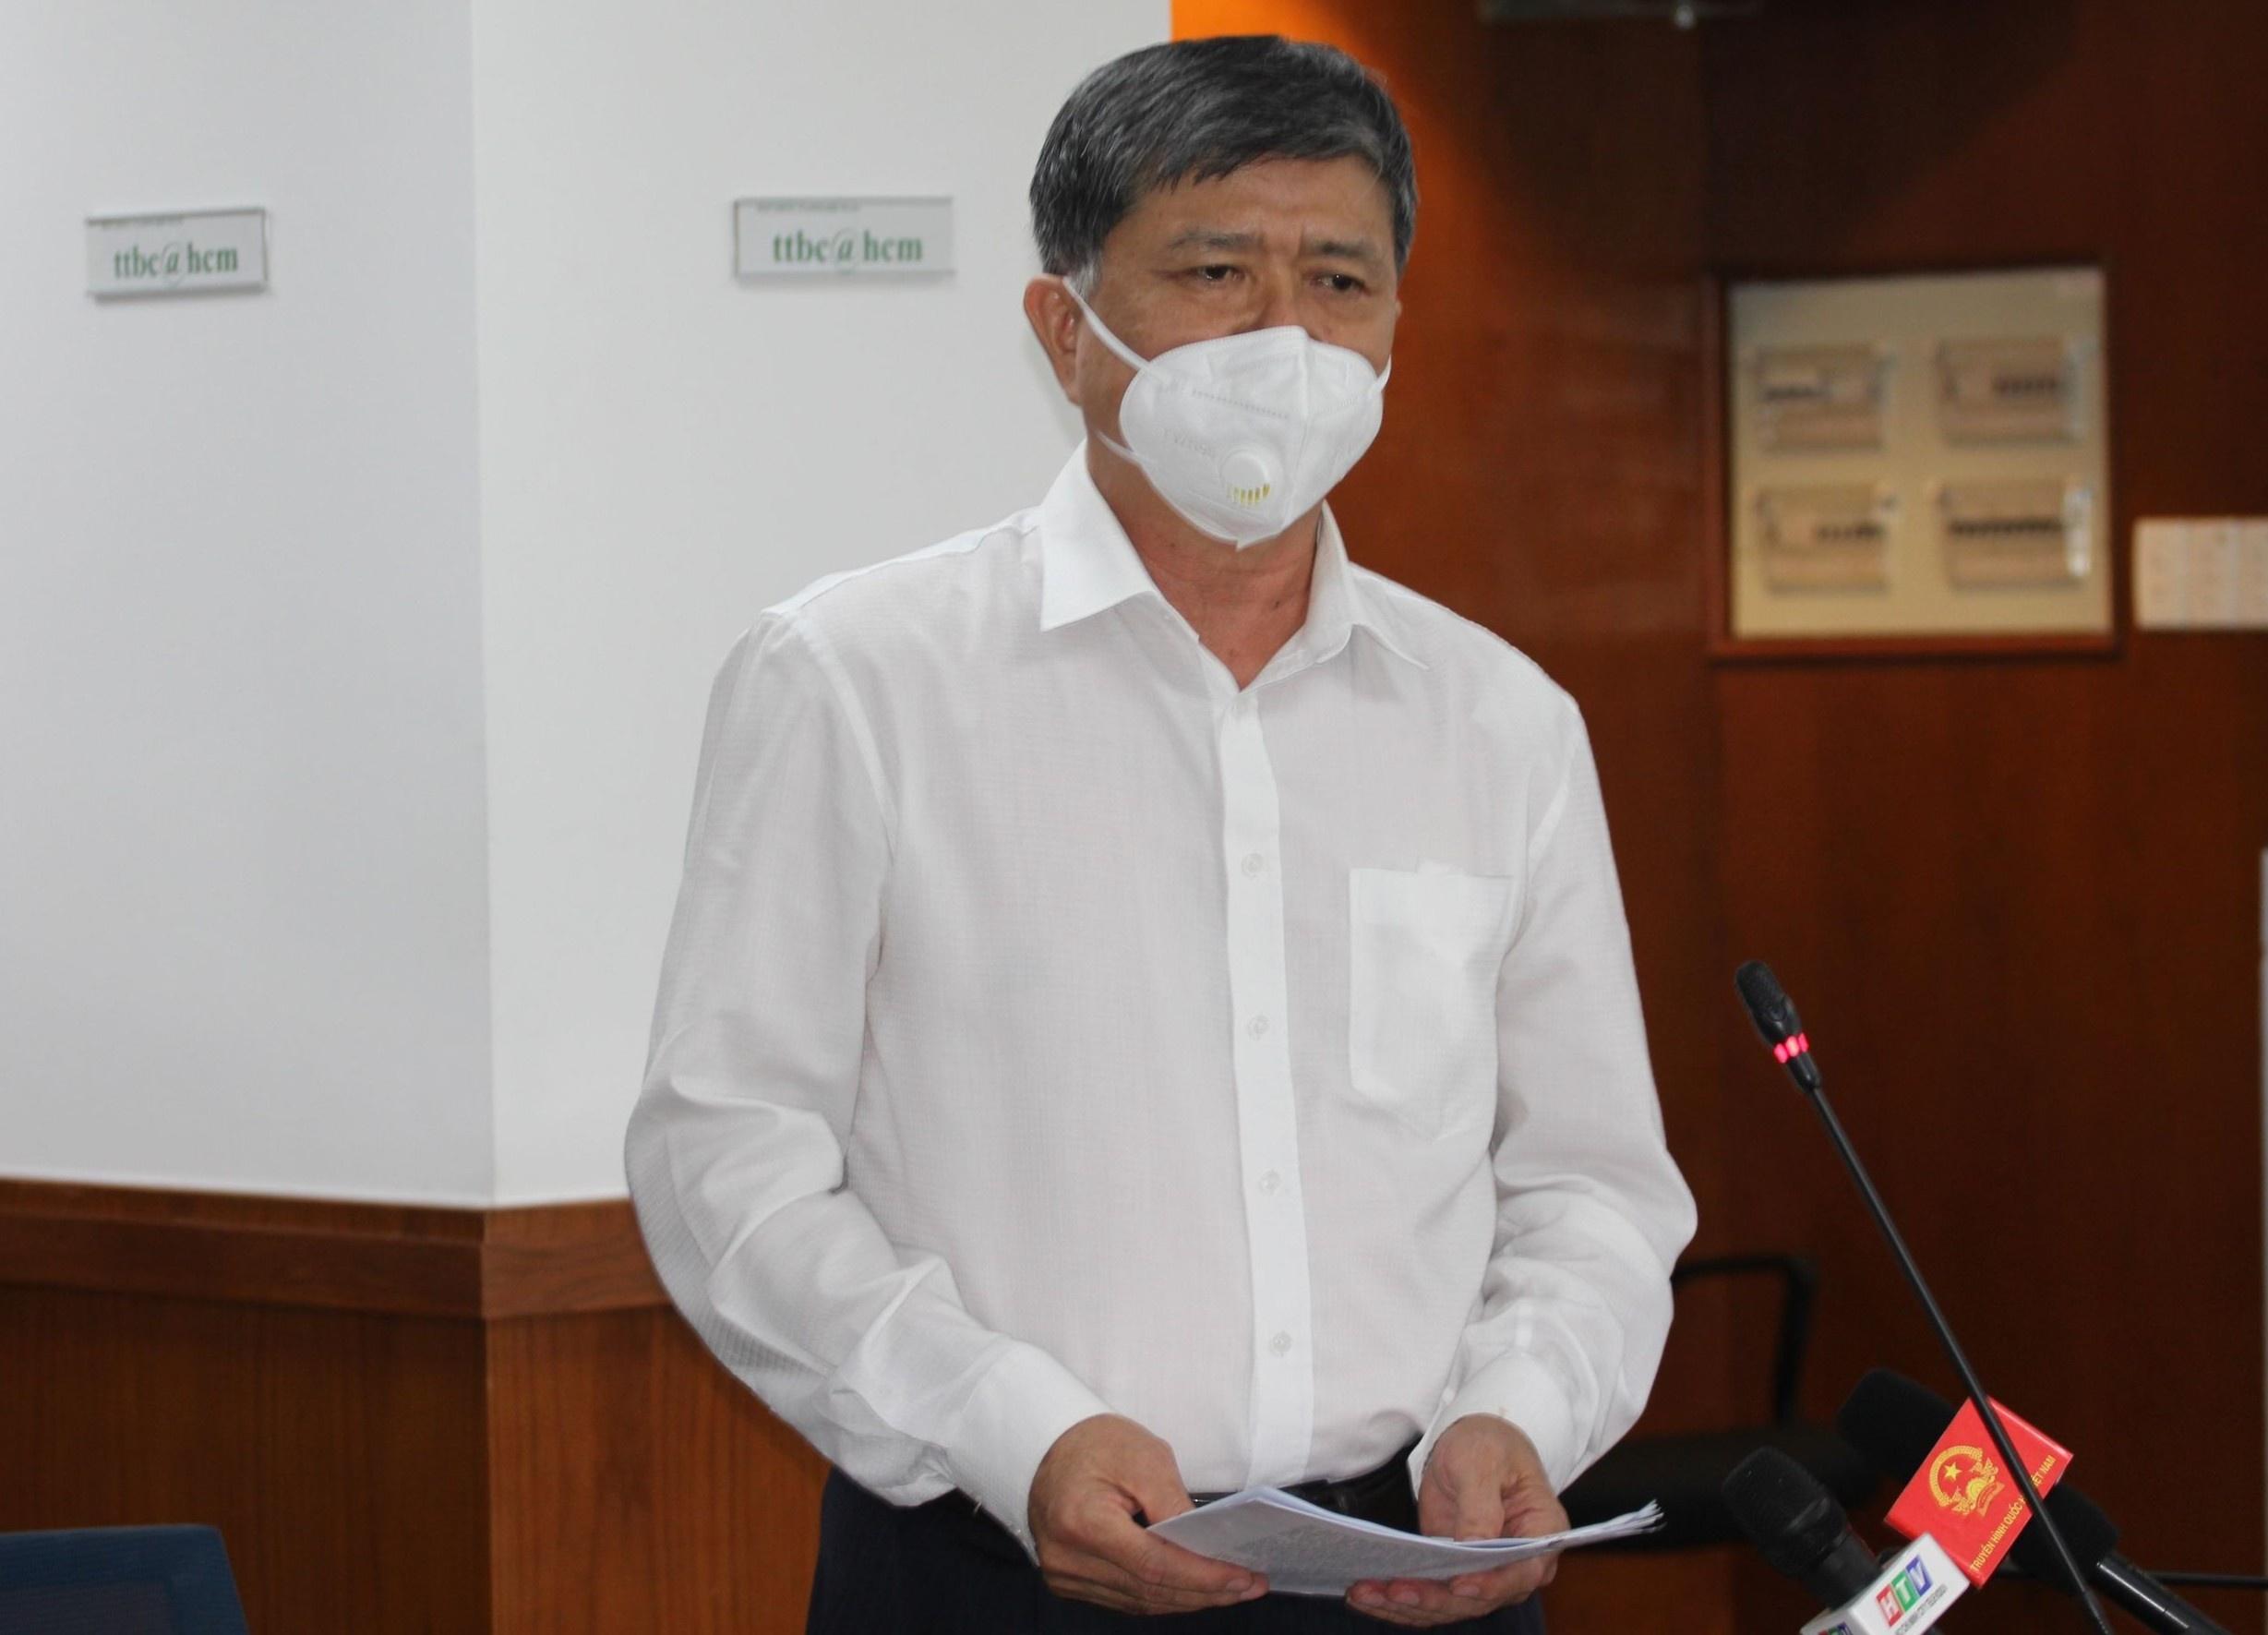 Ông Nguyễn Văn Hiếu, Giám đốc Sở GD&ĐT TP.HCM, phát biểu tại cuộc họp báo chiều 7/10. Ảnh: TN.